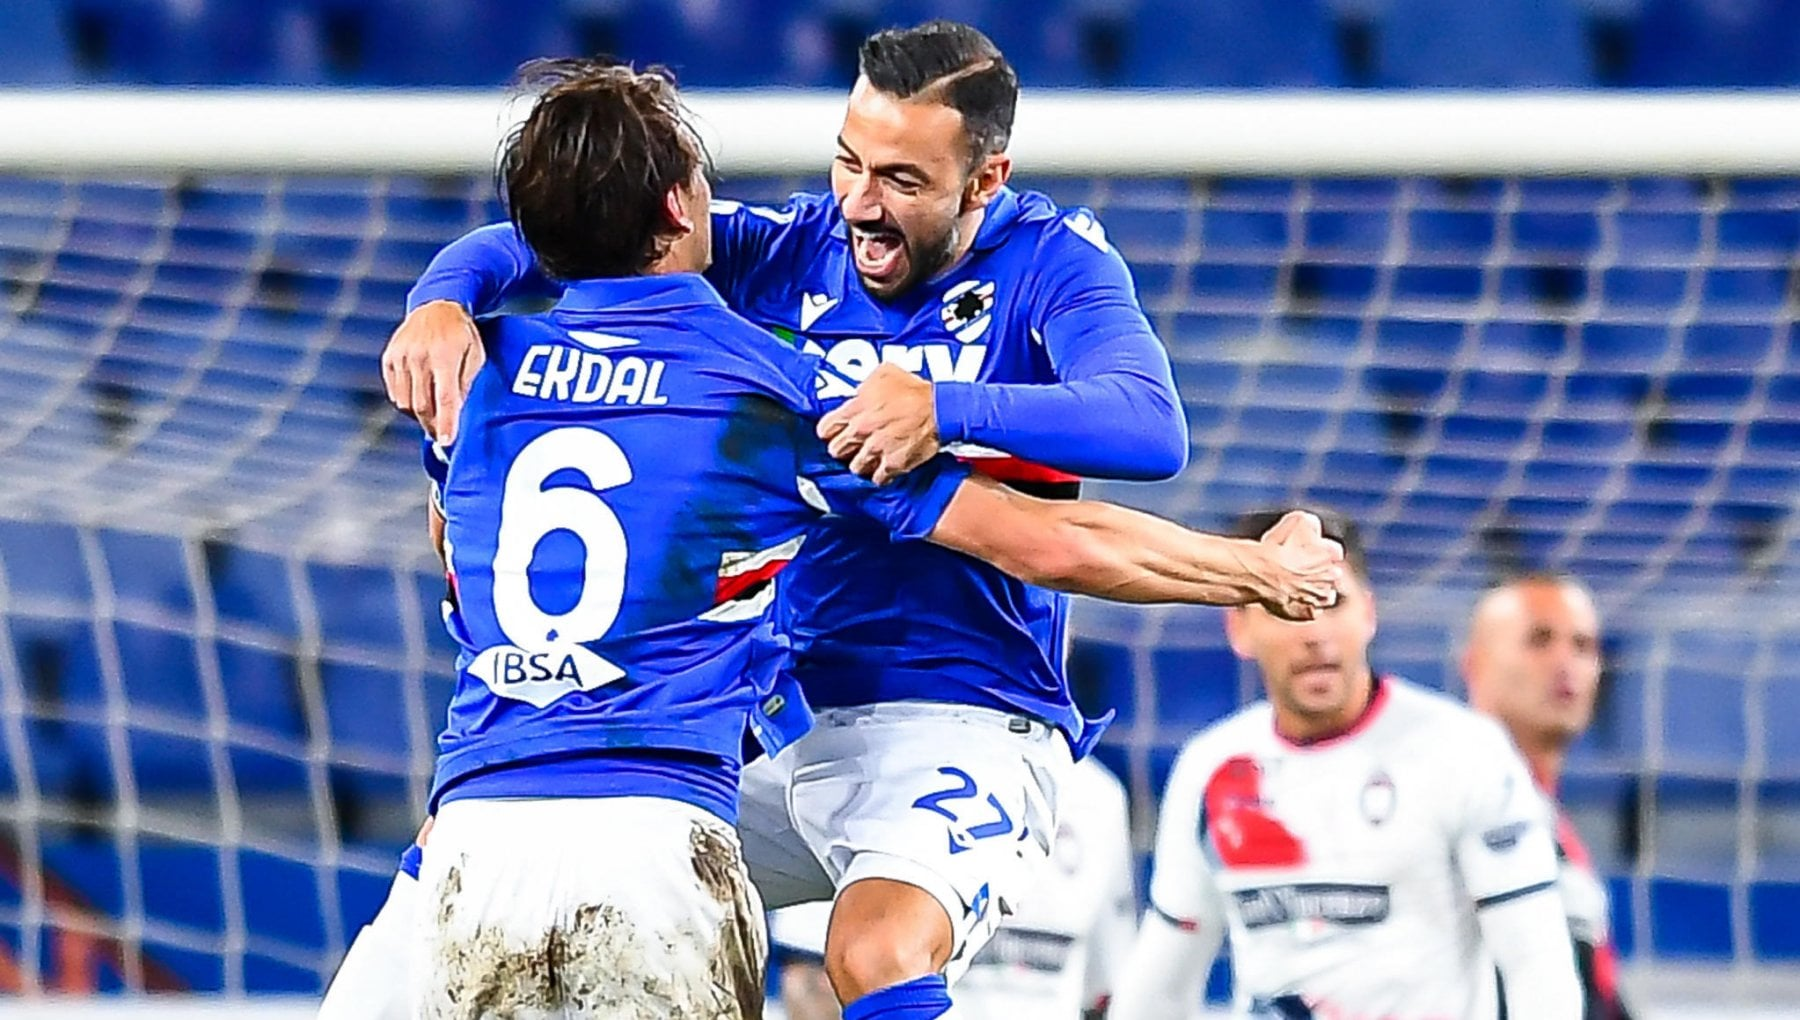 Sampdoria Crotone 3 1 Damsgaard Jankto e Quagliarella confermano il rilancio doriano